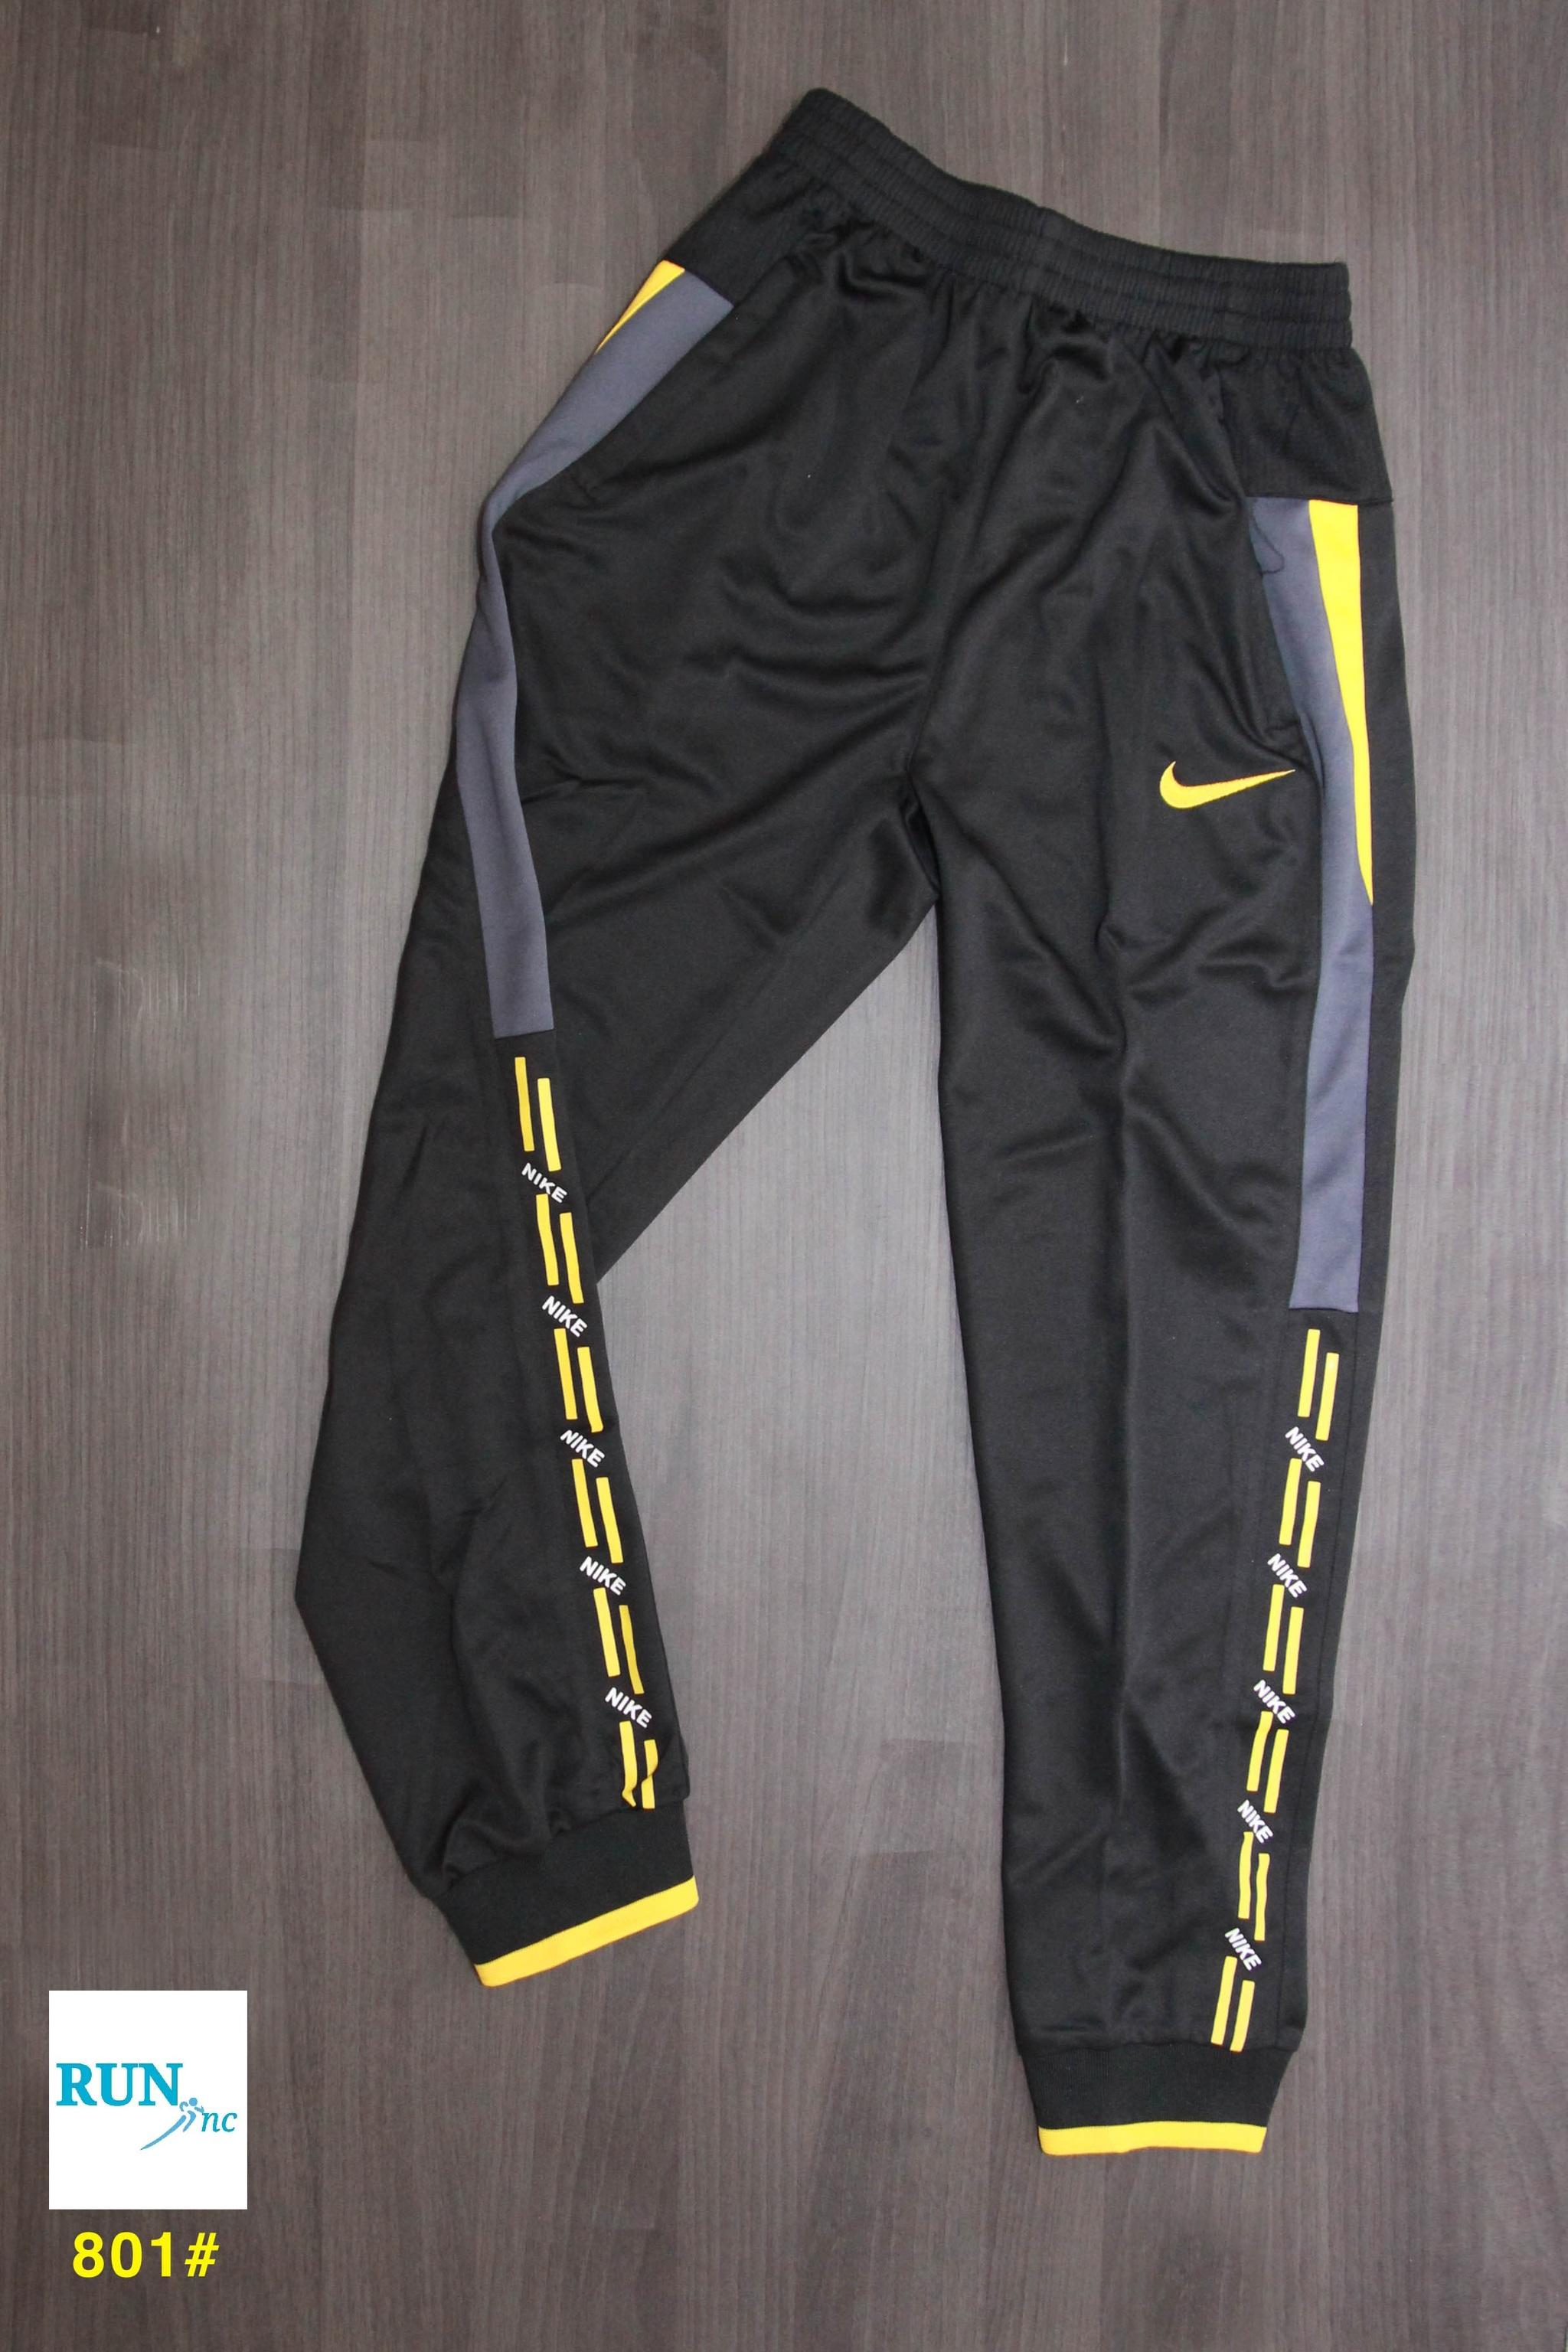 Jual Celana Training Running GYM Jogger Nike Panjang 801